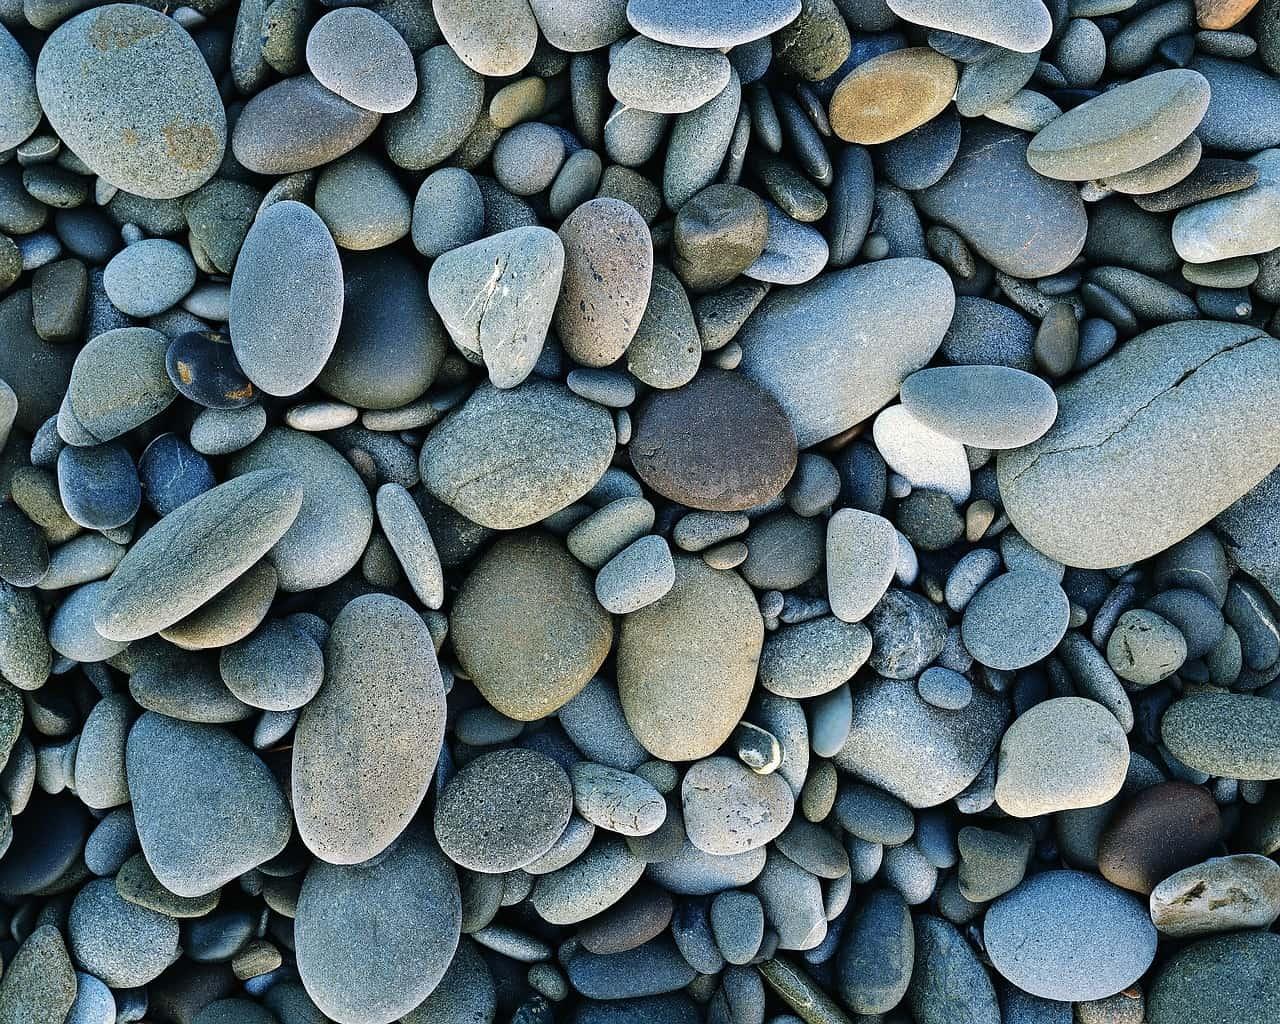 eb28519930c54357ccc74f171853378d - ▷ Playa de las Escuevas 📖